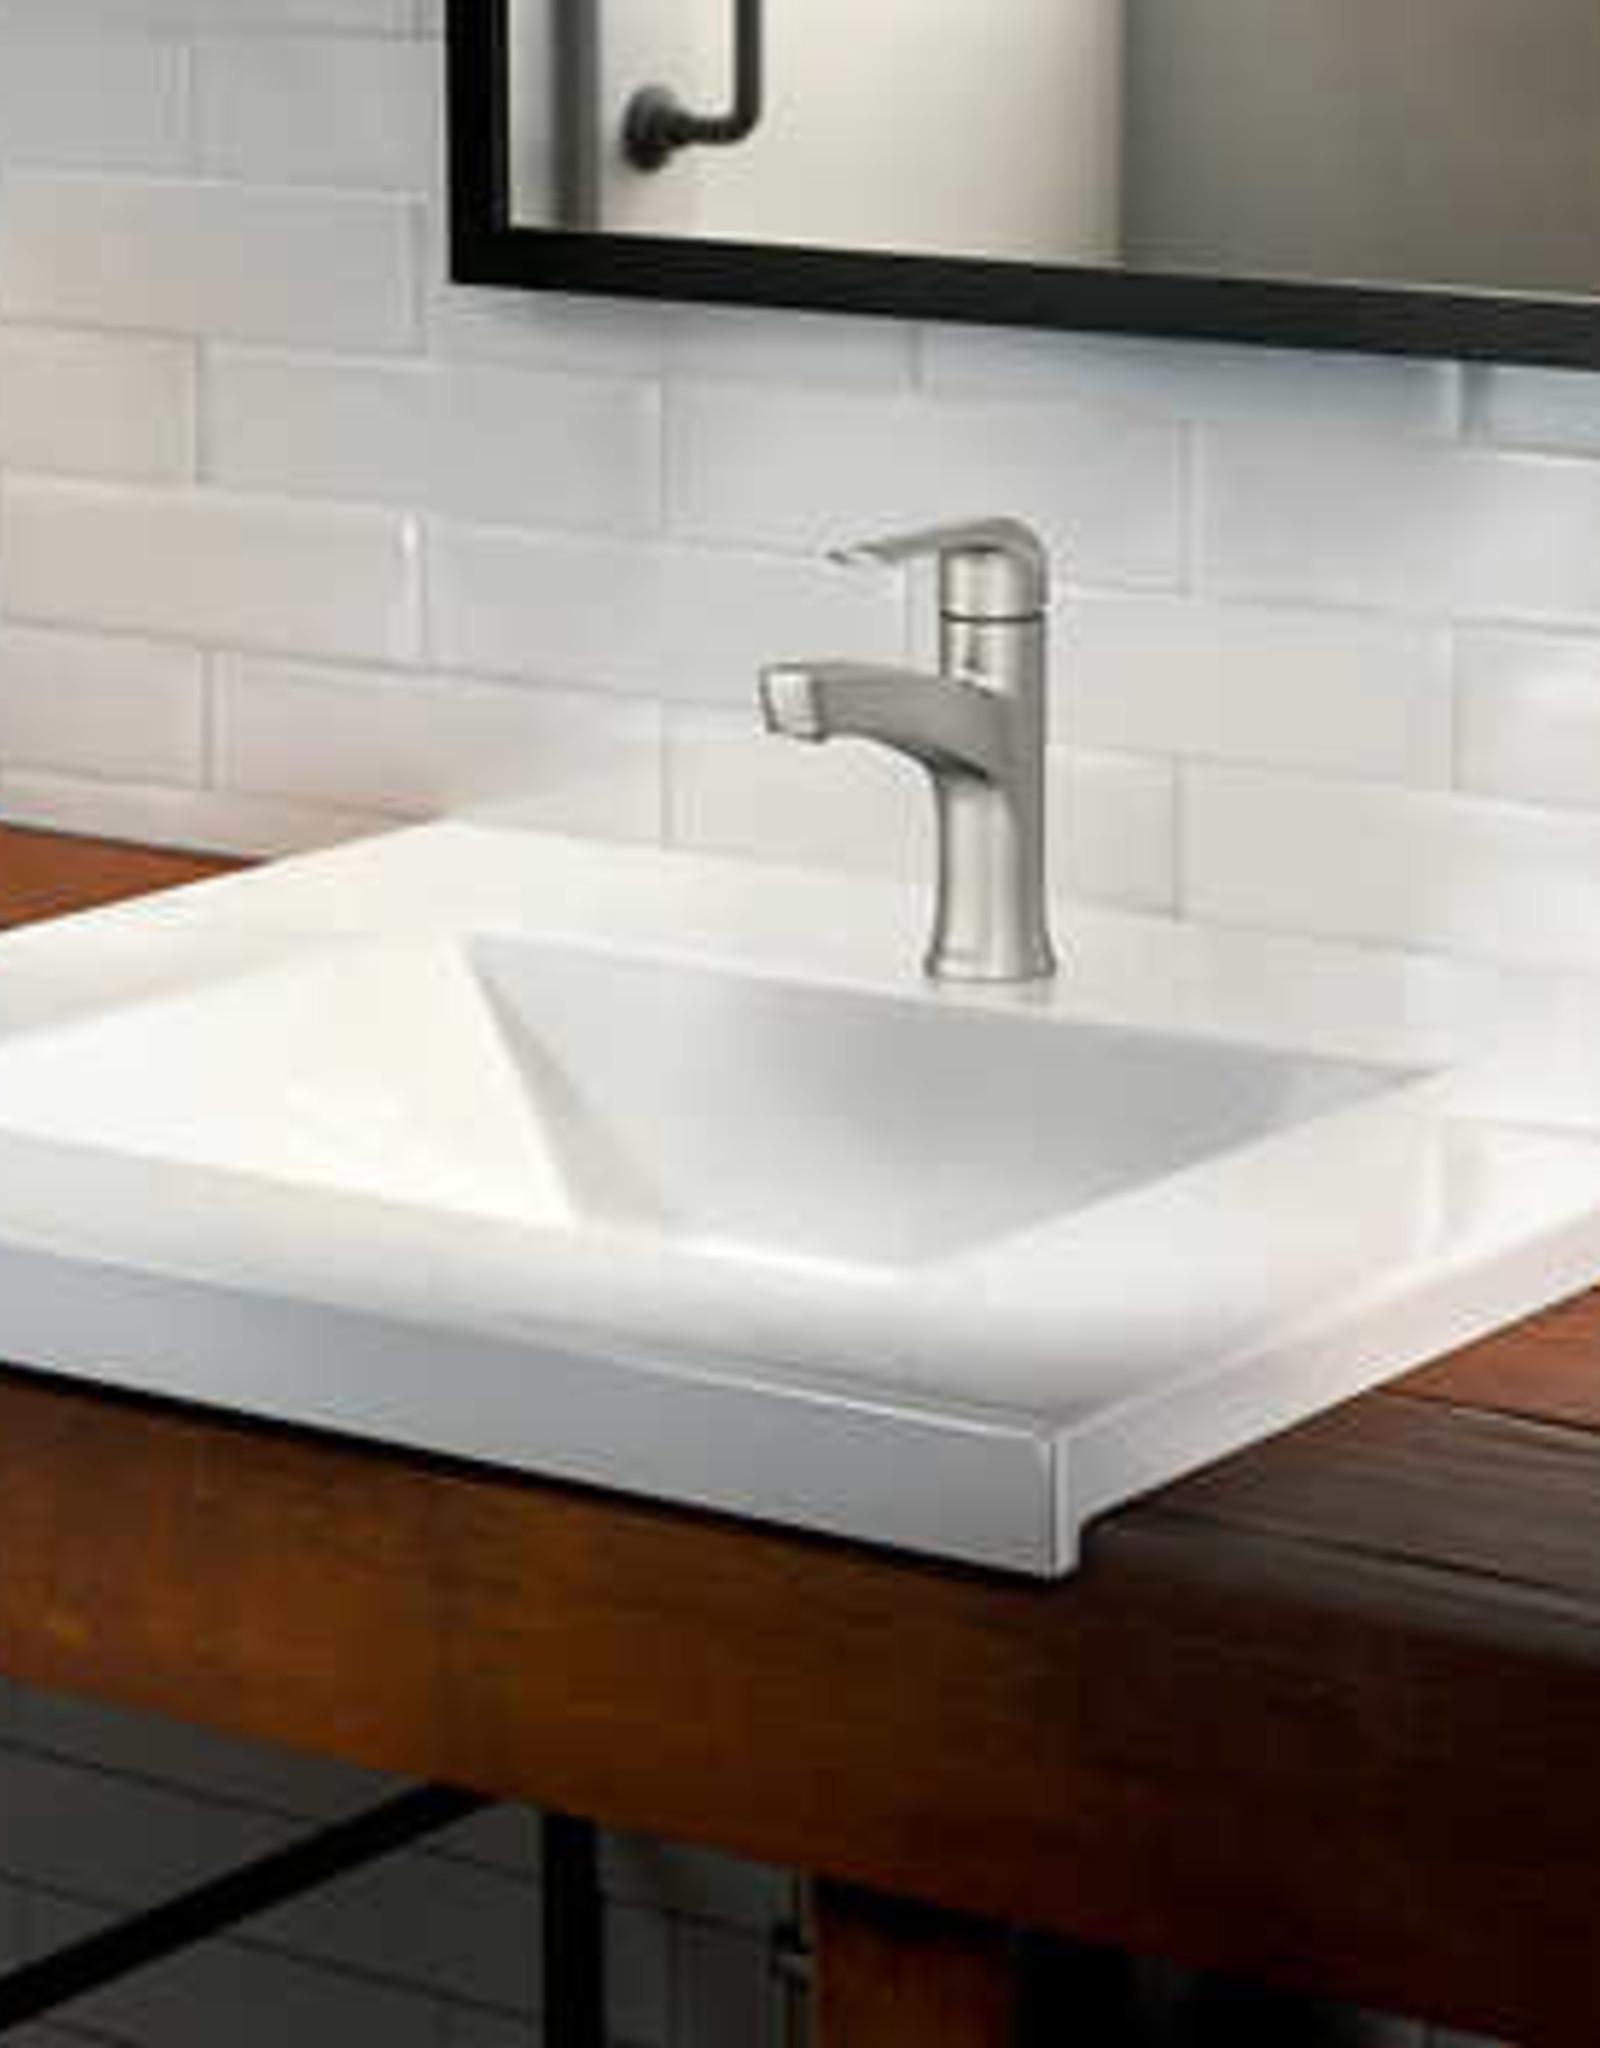 MOEN INCORPORATED Moen Tilson Single Handle Bathroom Faucet in Brushed Nickel